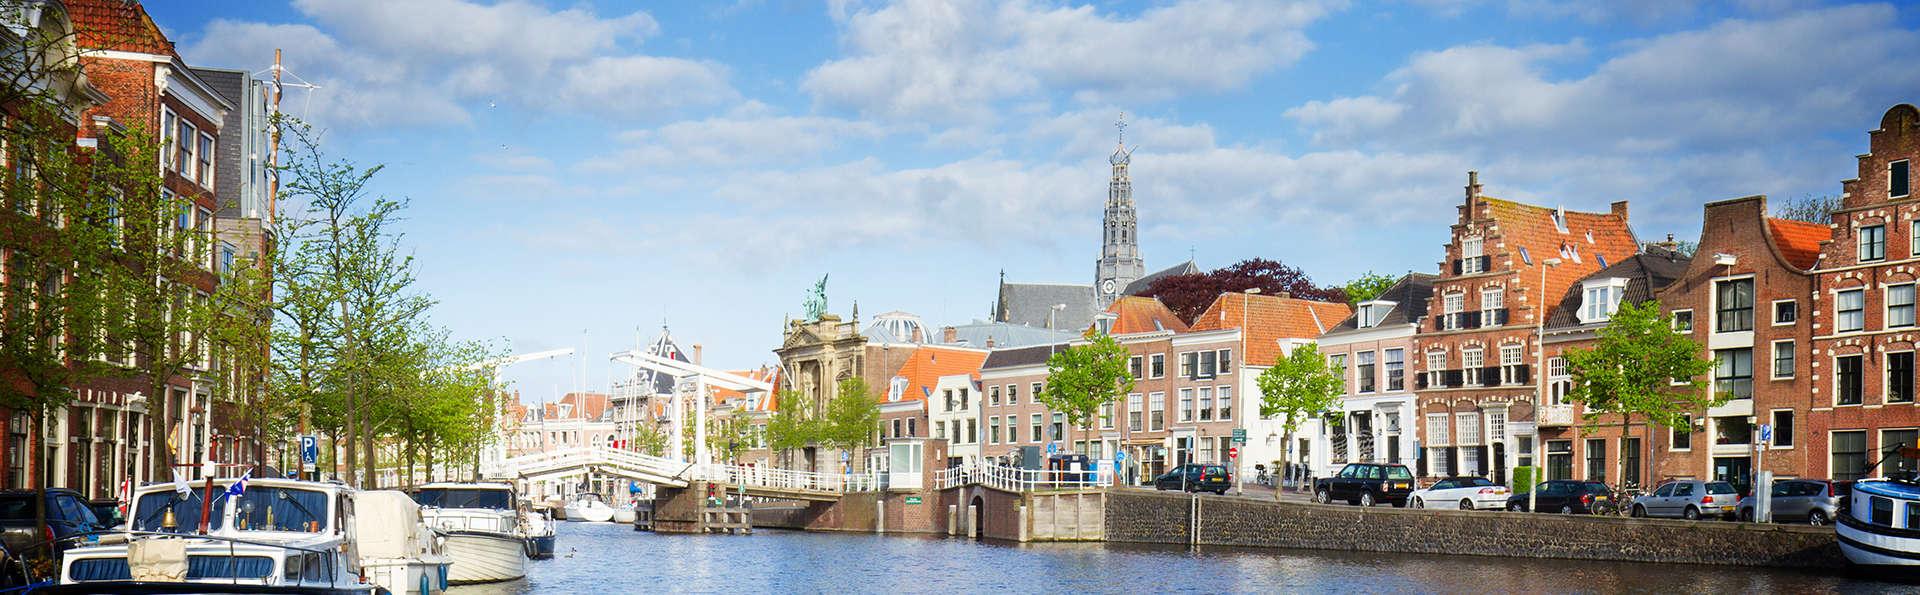 Séjour de luxe dans le centre d'Haarlem